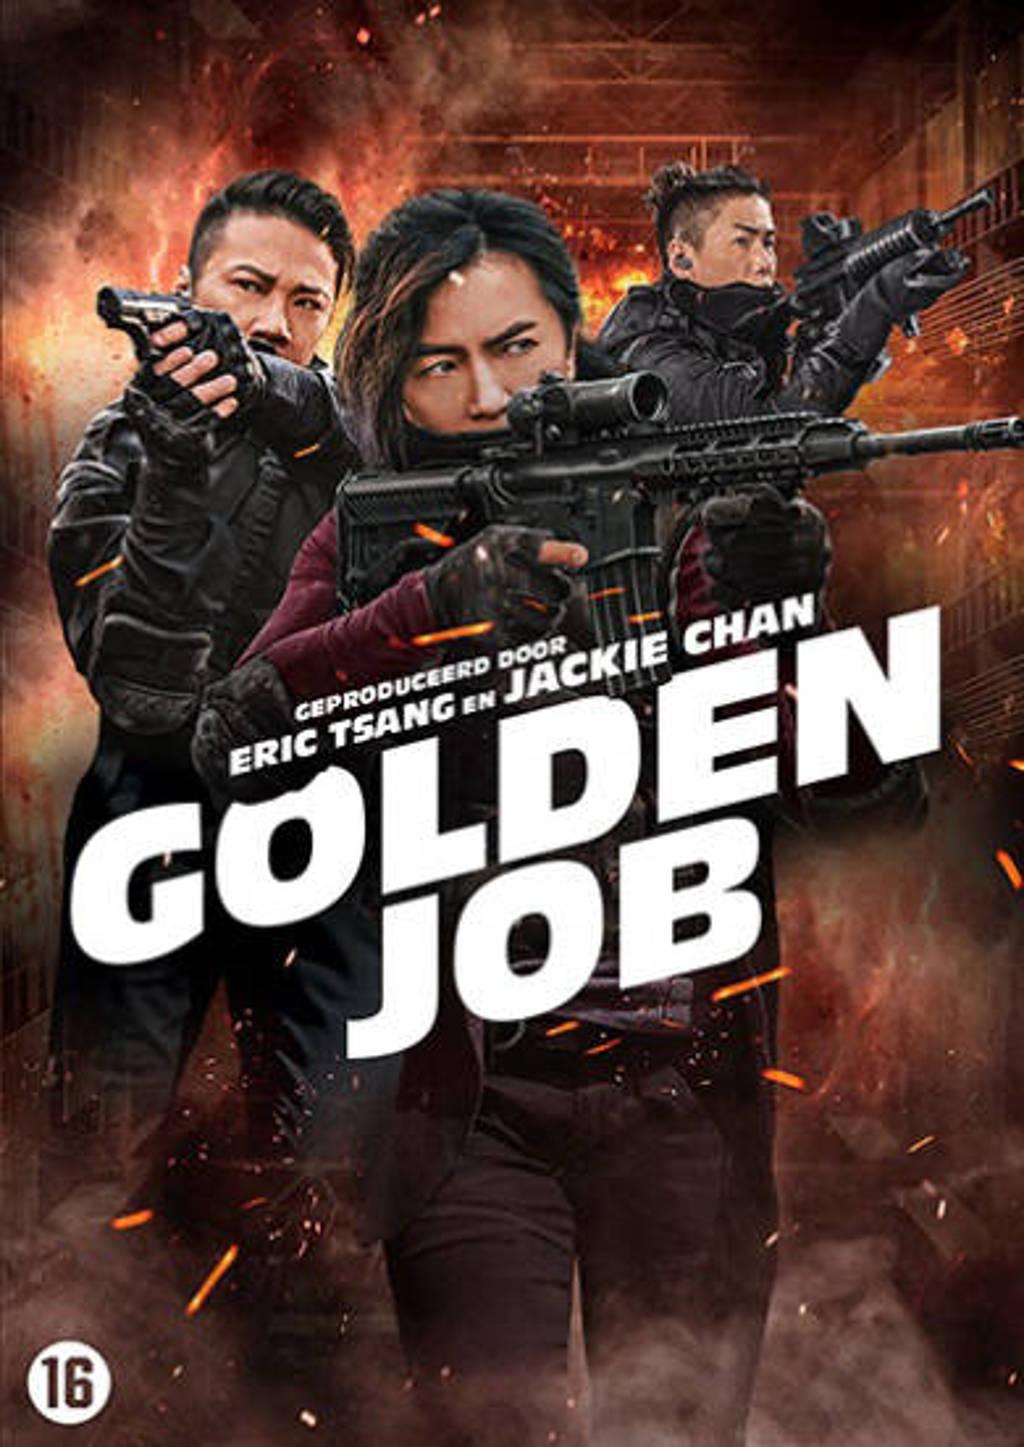 Golden job (DVD)